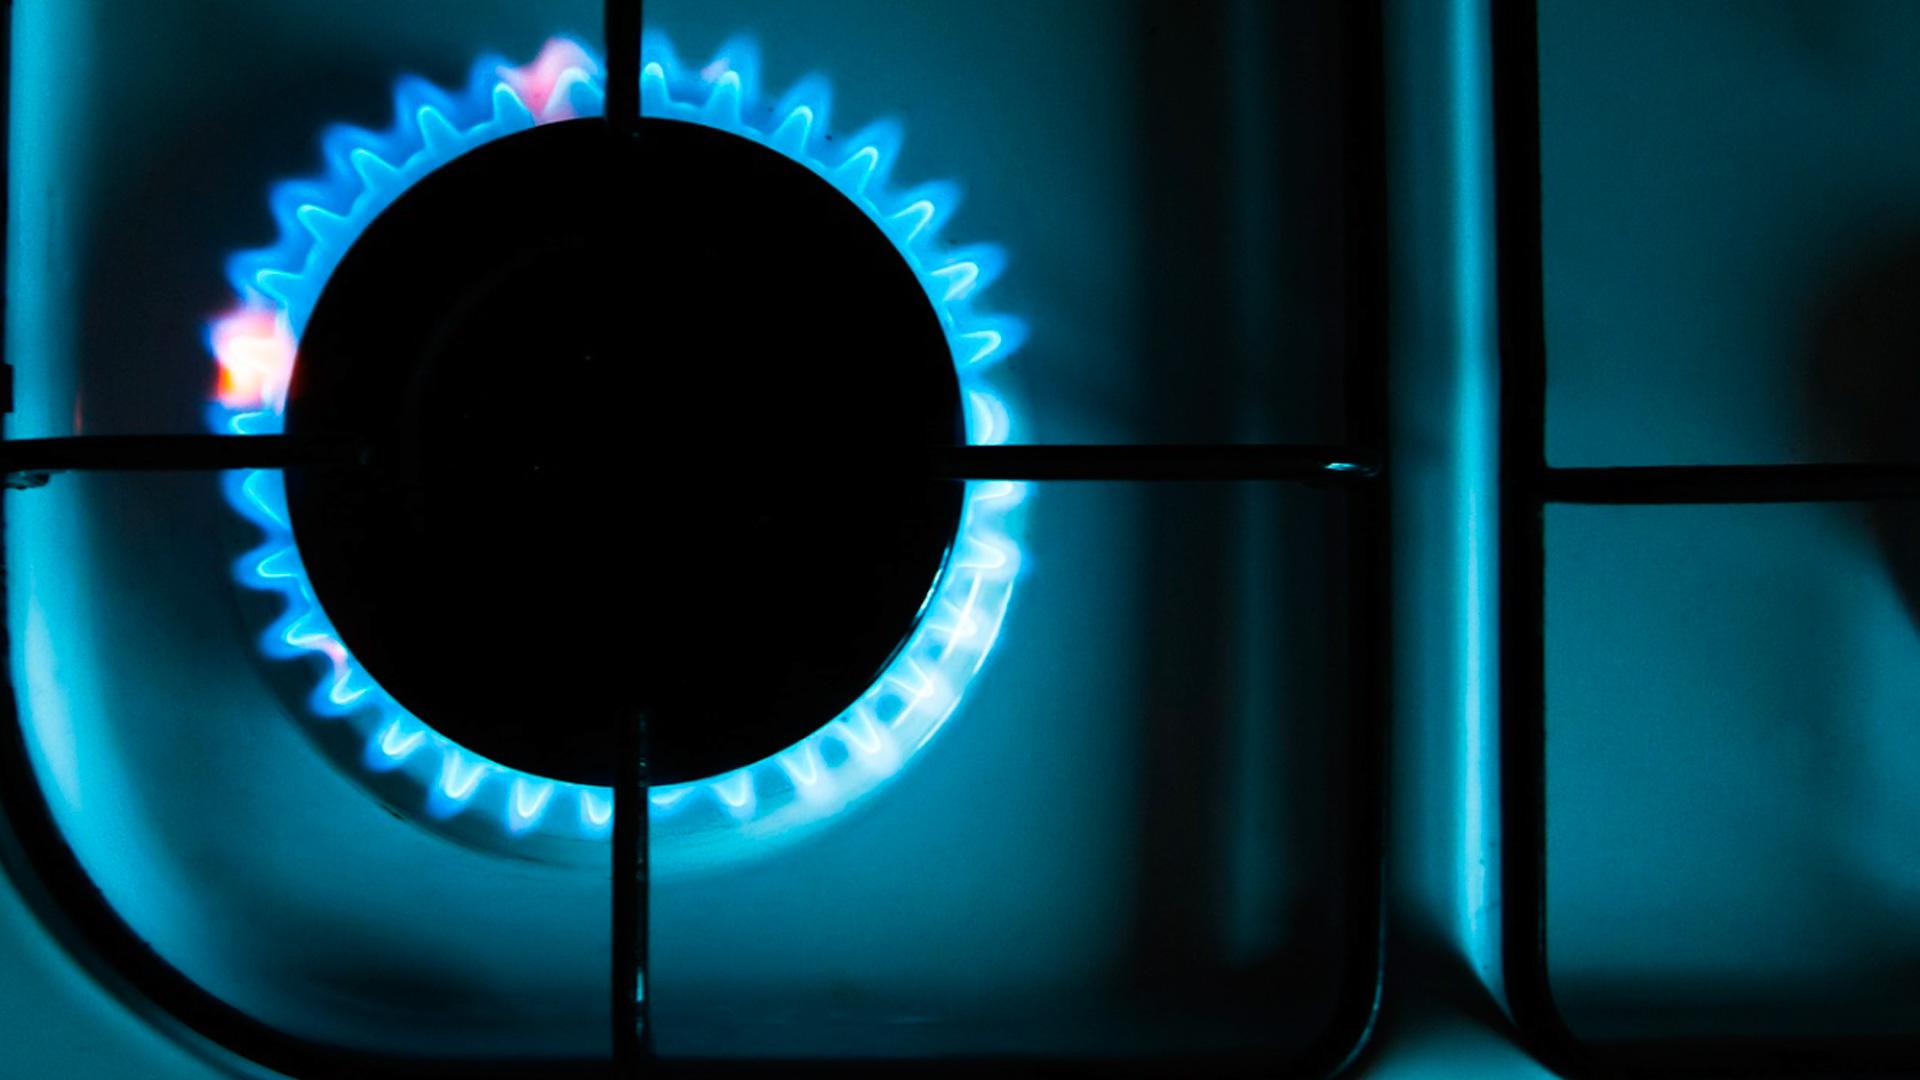 Gas, vitrocerámica o inducción: ¿Cuál elegir?